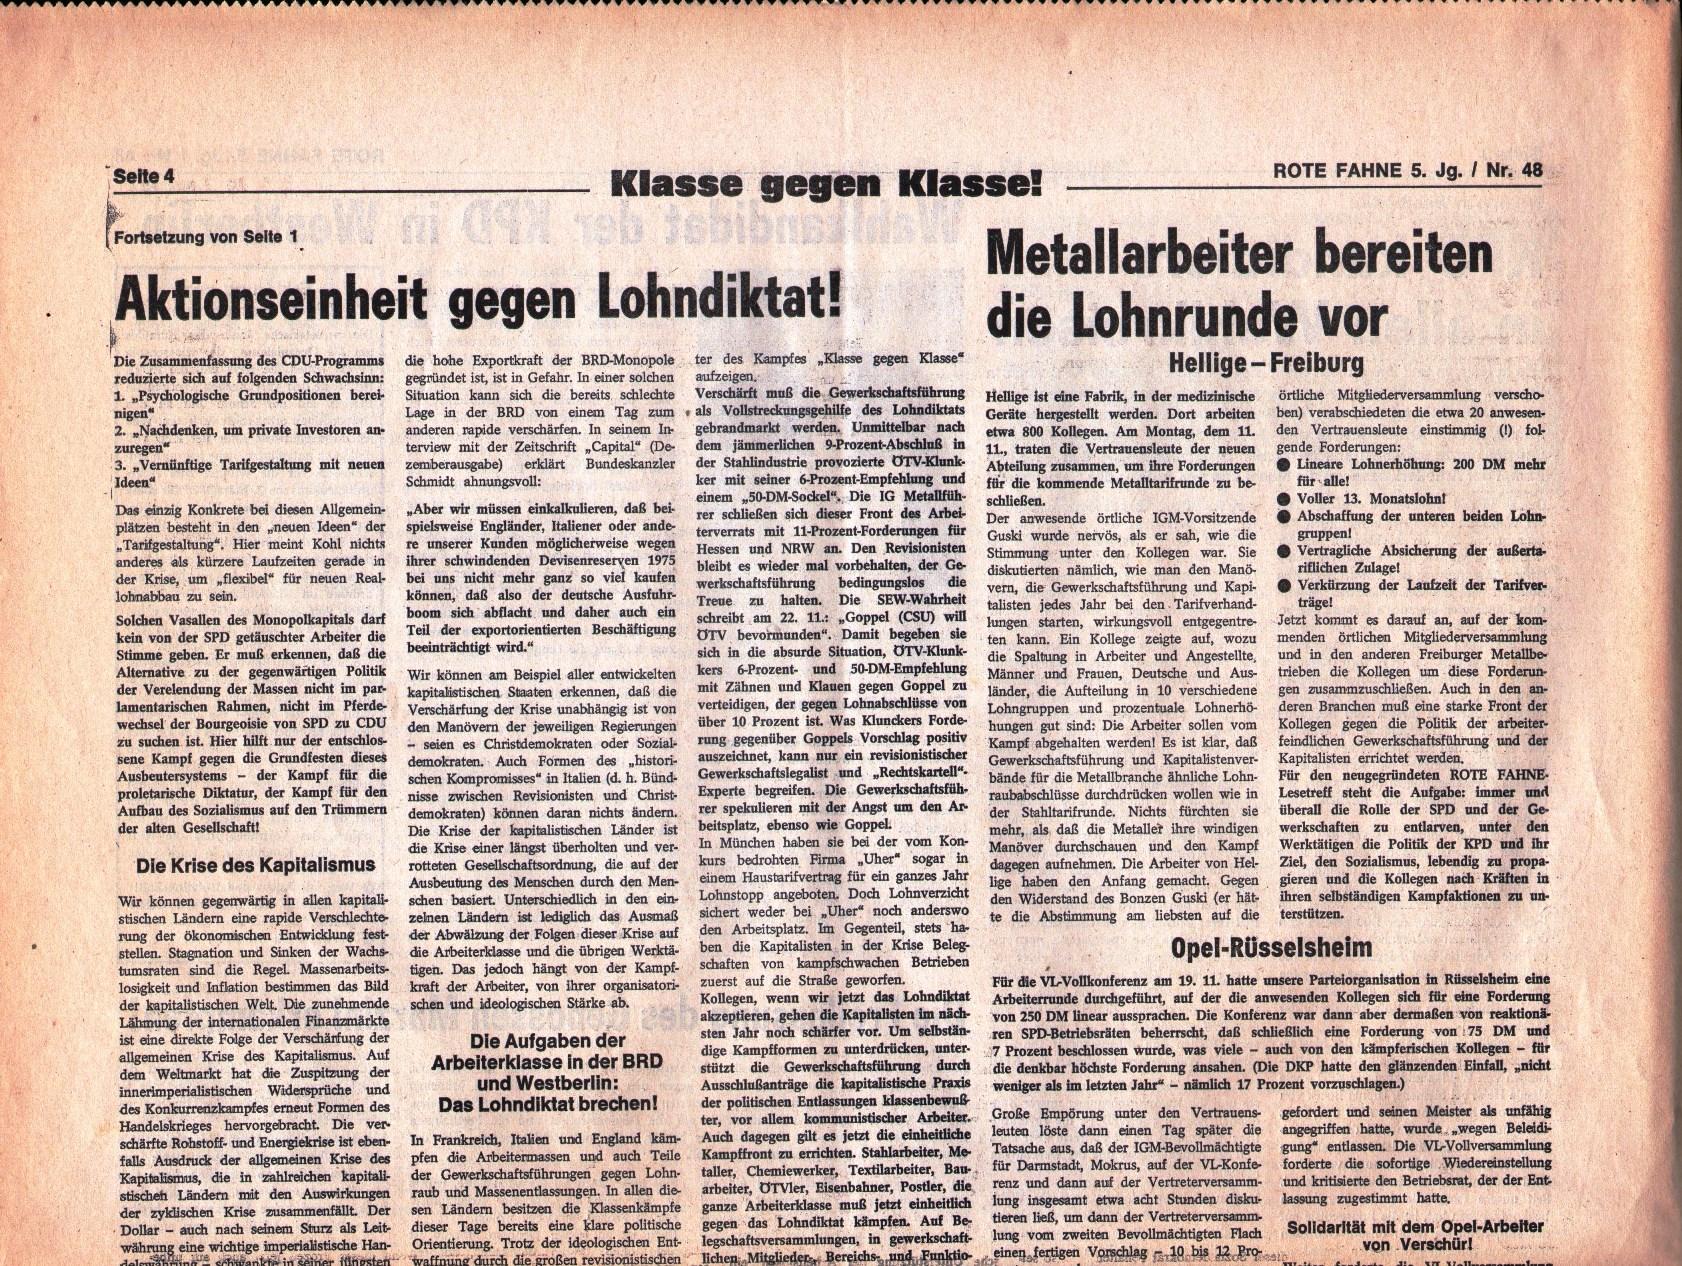 KPD_Rote_Fahne_1974_48_07